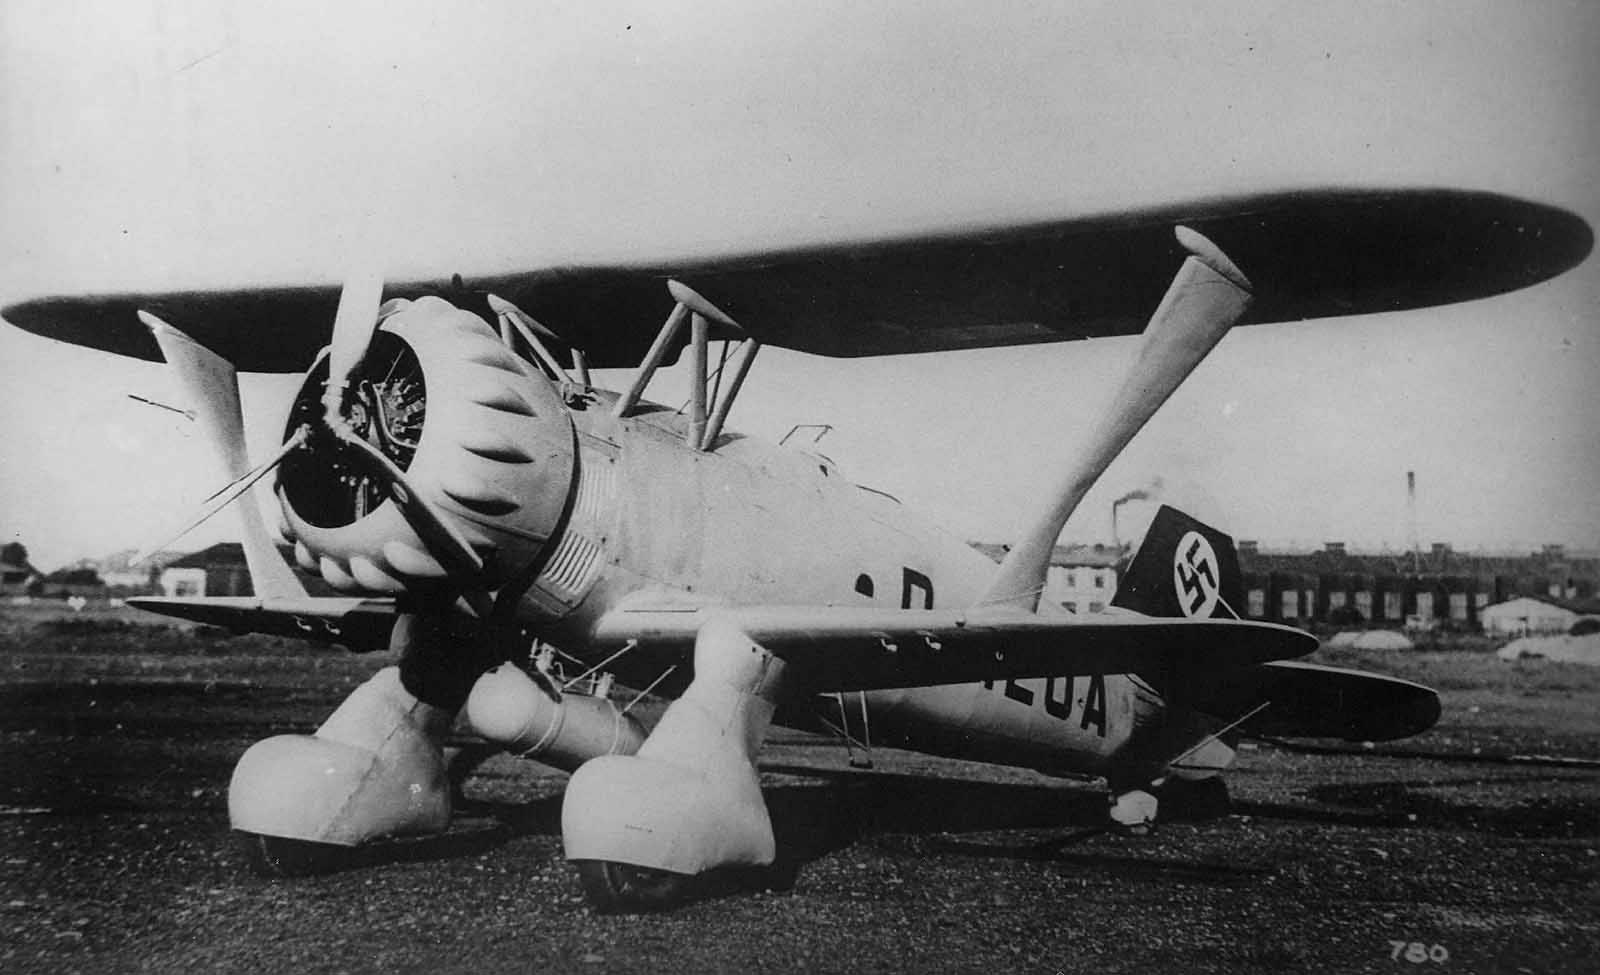 Prototype Hs 123 V-1